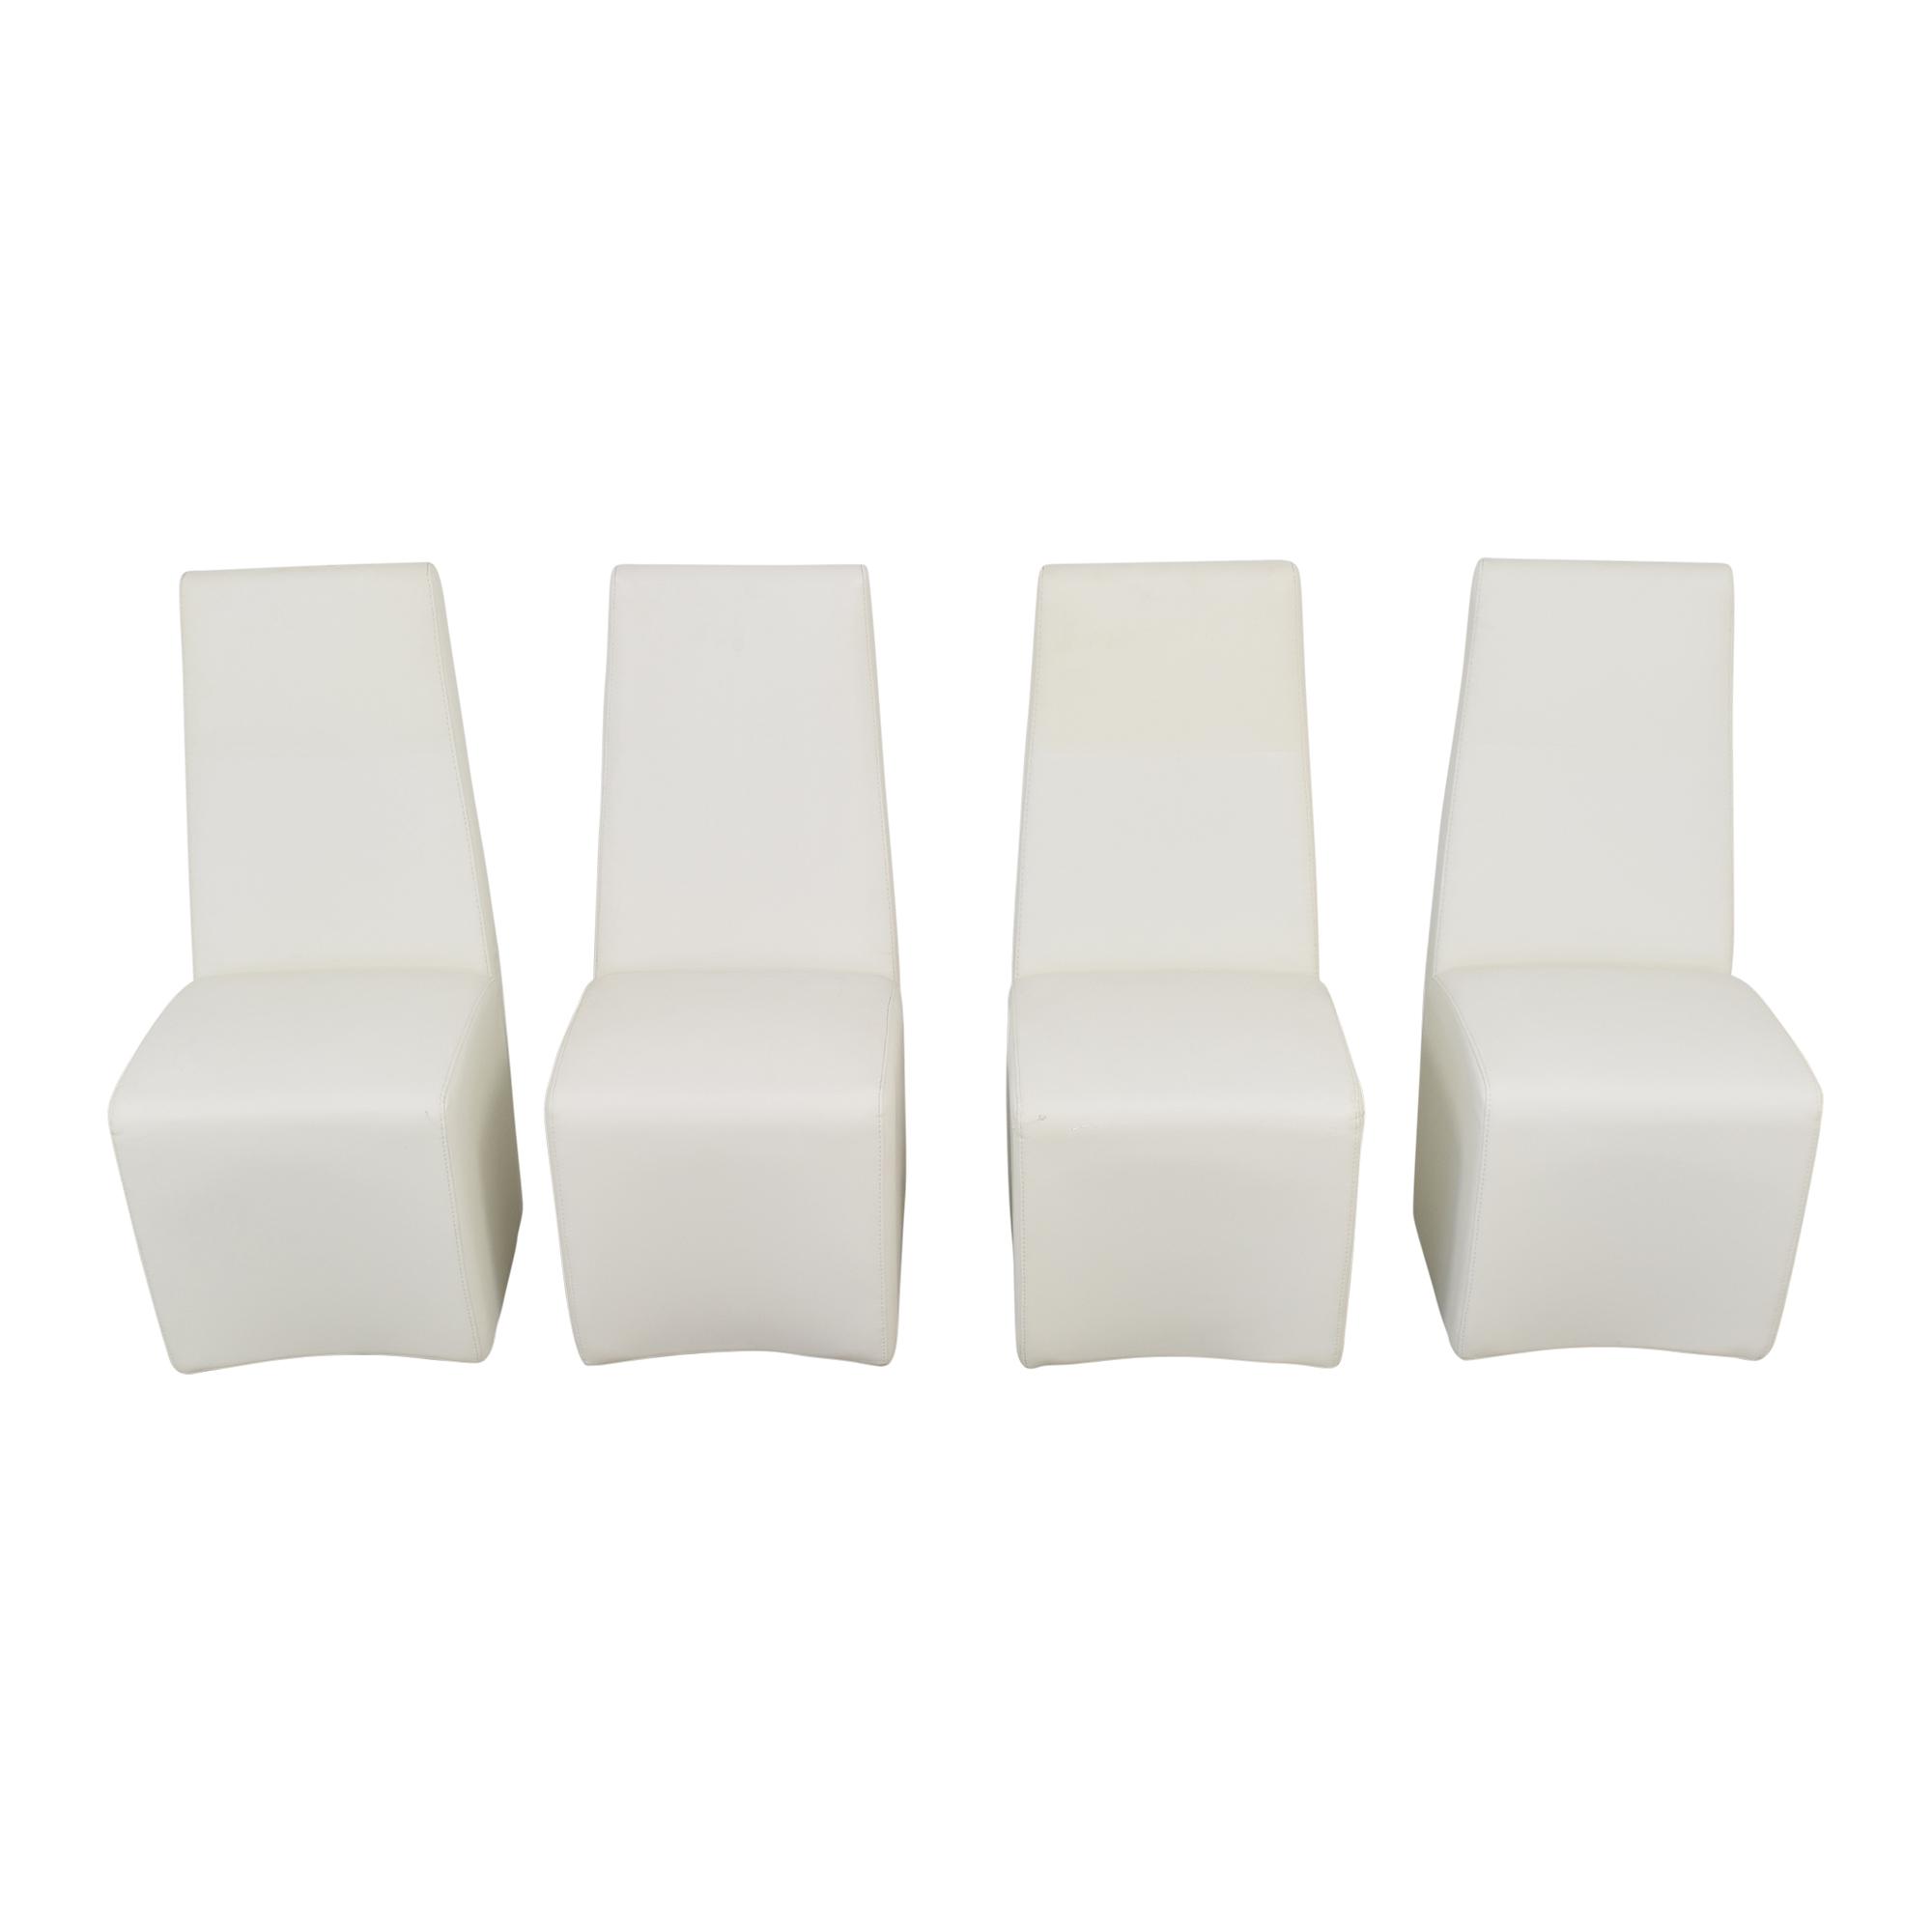 shop Star Furniture Ritz by Essentials Tobi Dining Side Chairs Star Furniture Chairs